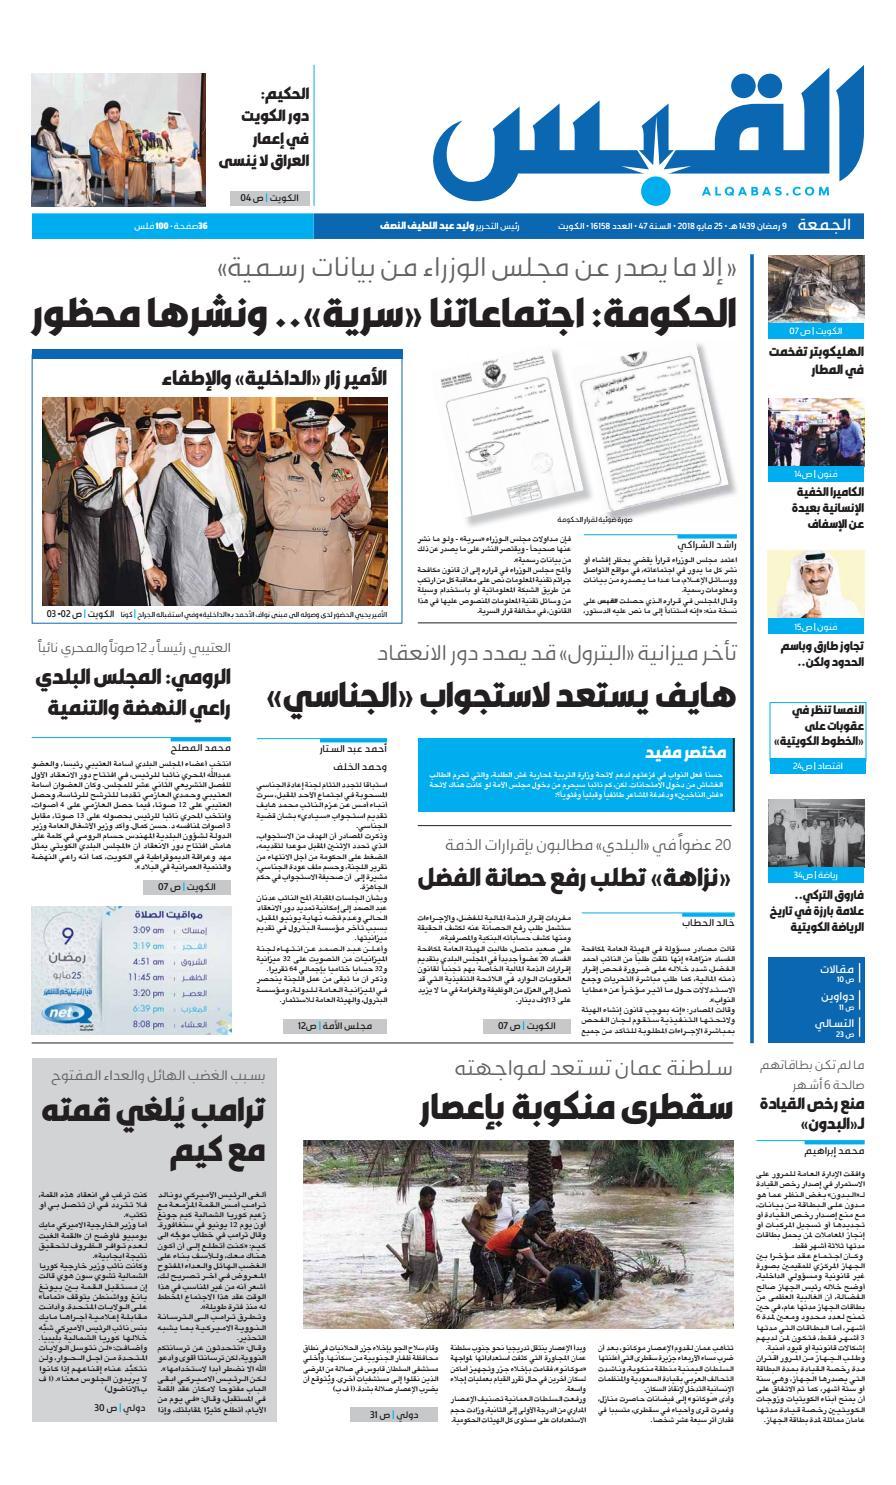 القبس عدد الجمعة 15 مايو 15 by AlQabas   issuu